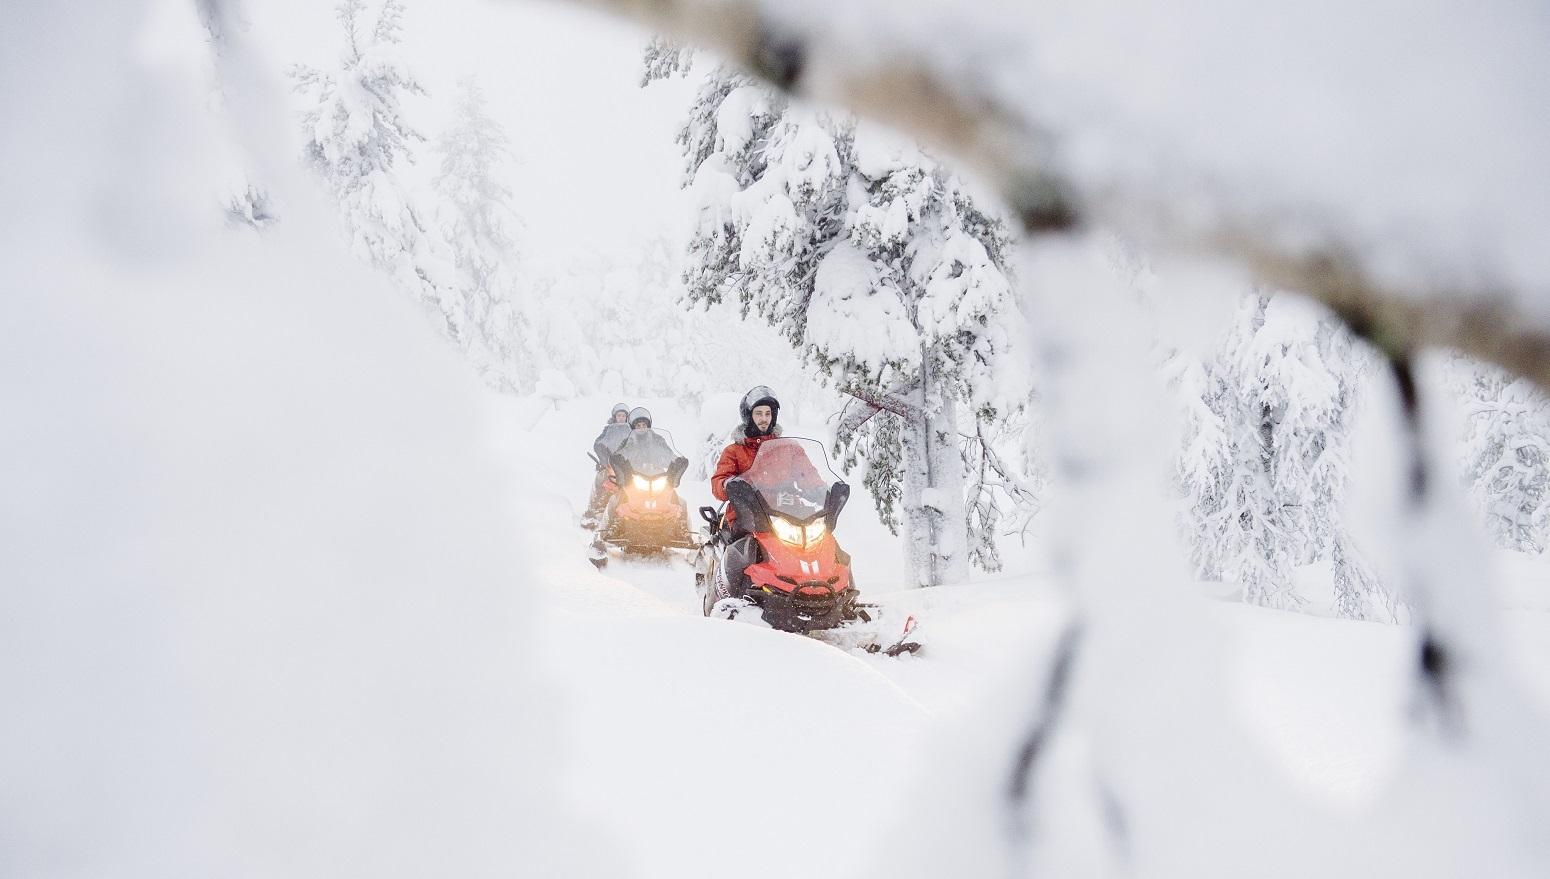 safari motos nieve laponia finlandia